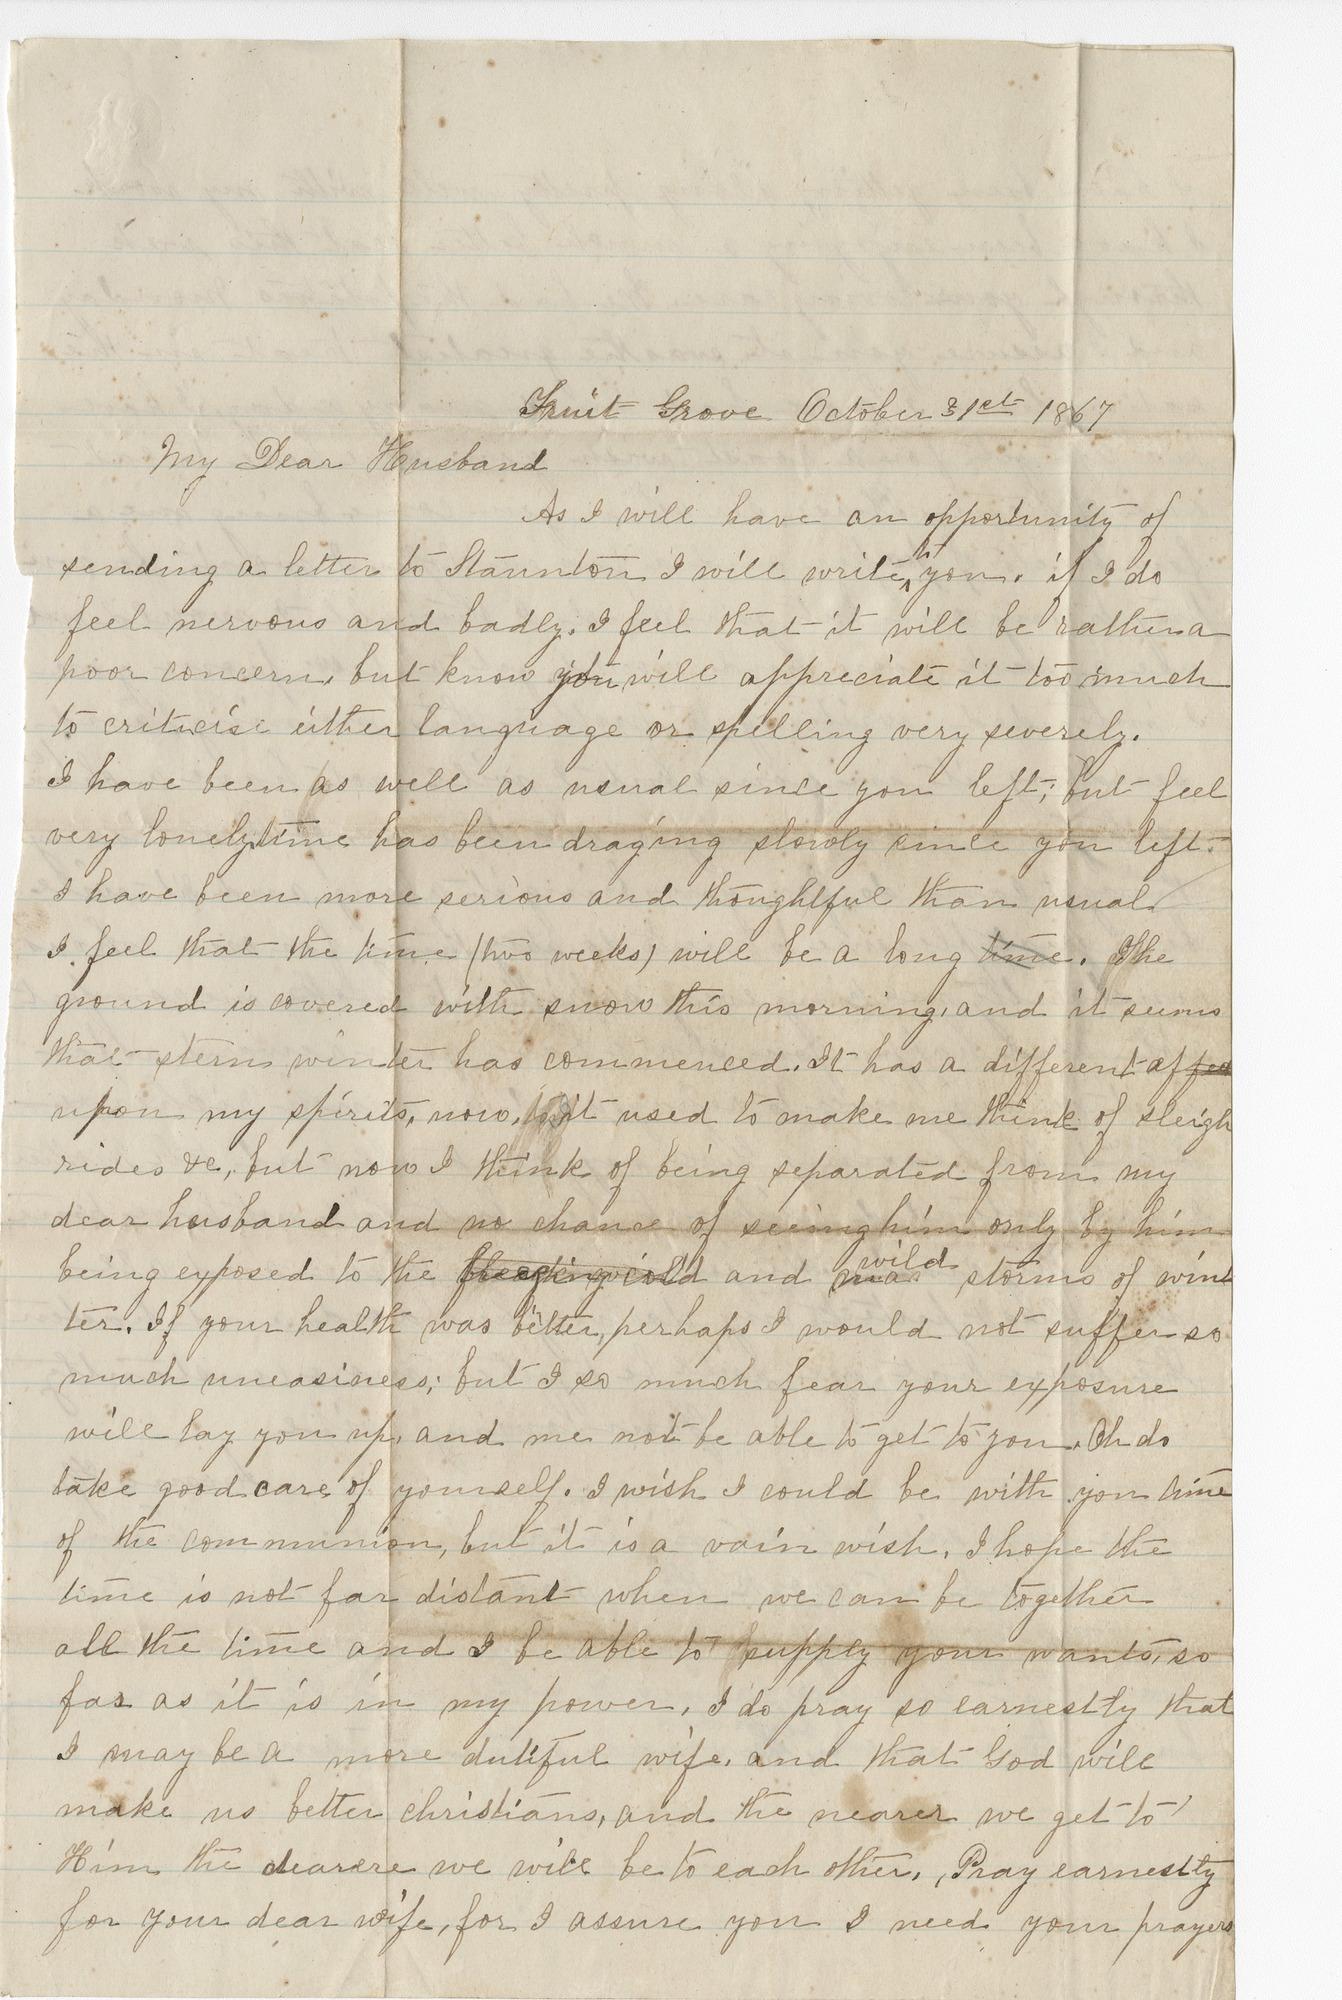 Ms2016-013_HeizerJames_Letter_1867_1031a.jpg